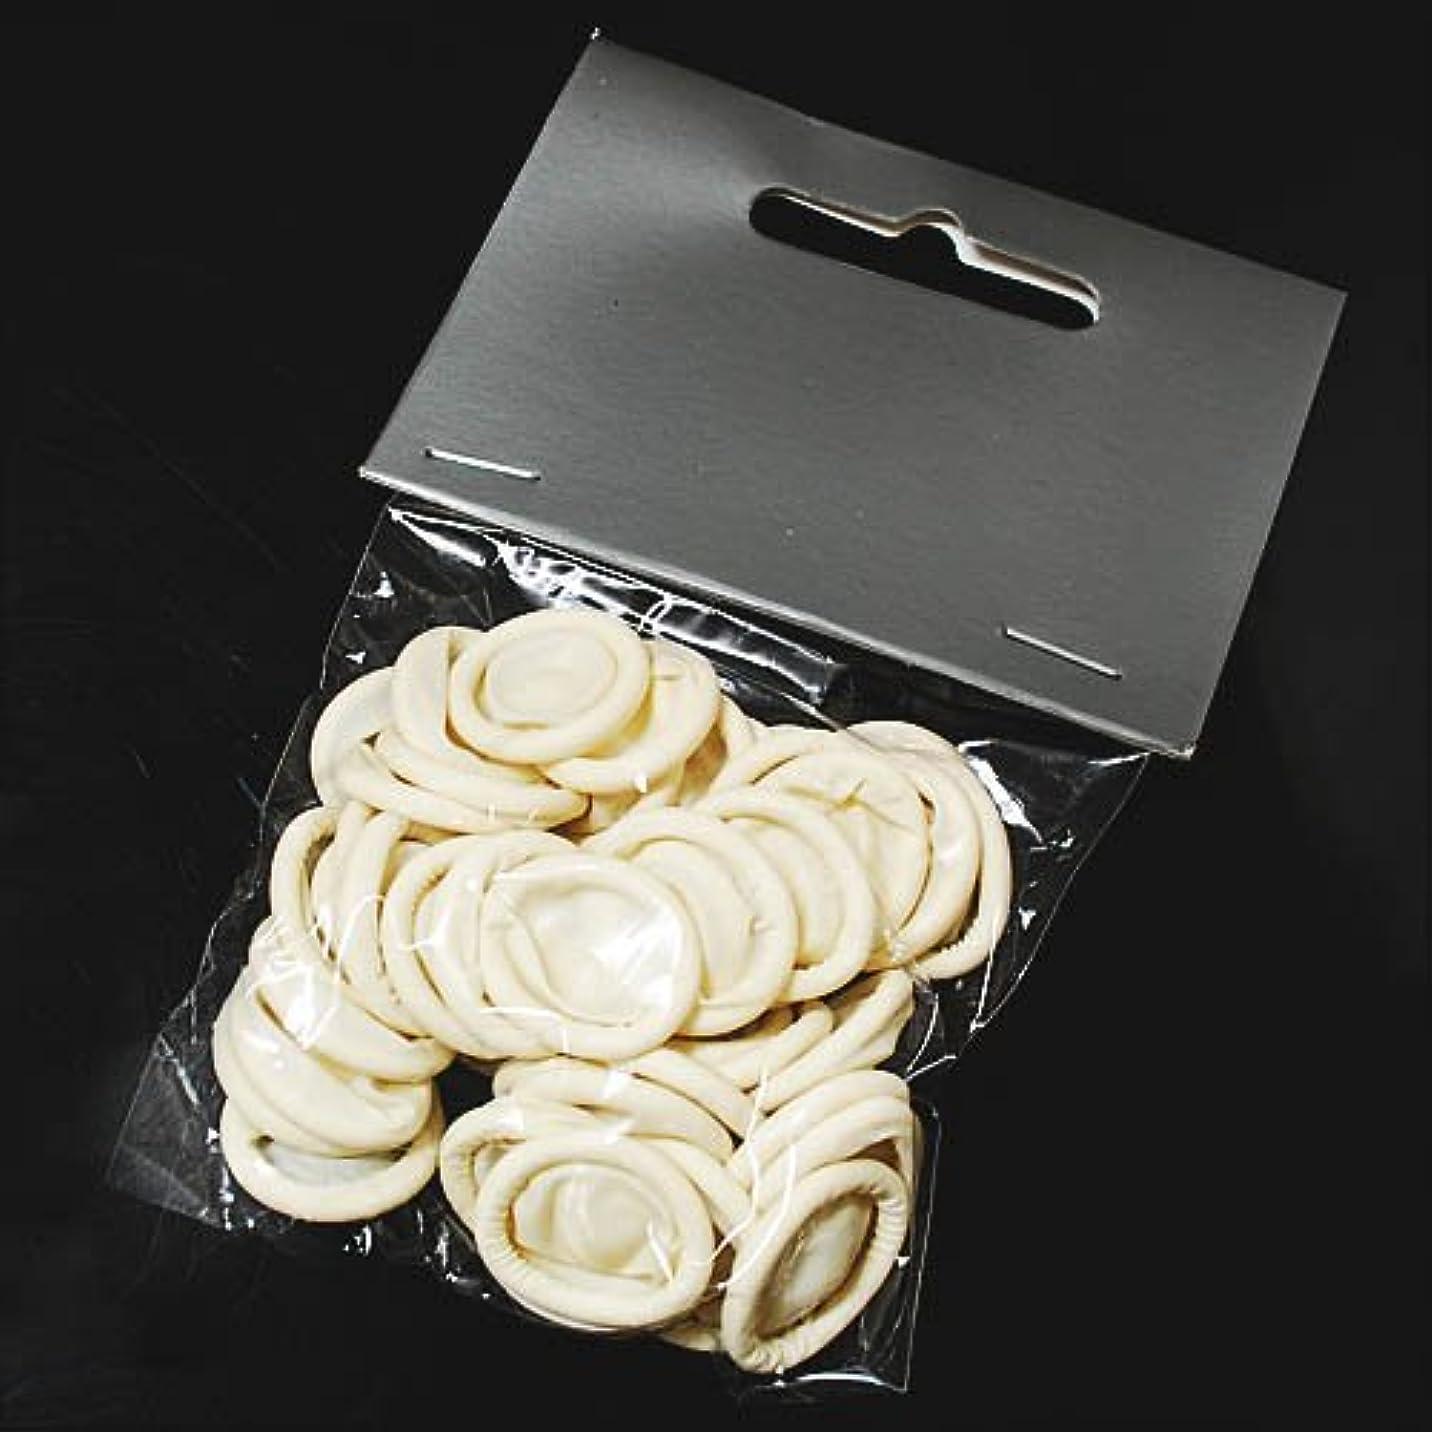 テレビフロー皮ジェルネイル のオフに使える ジェルネイルオフカバー [50個] フィンガーキャップ